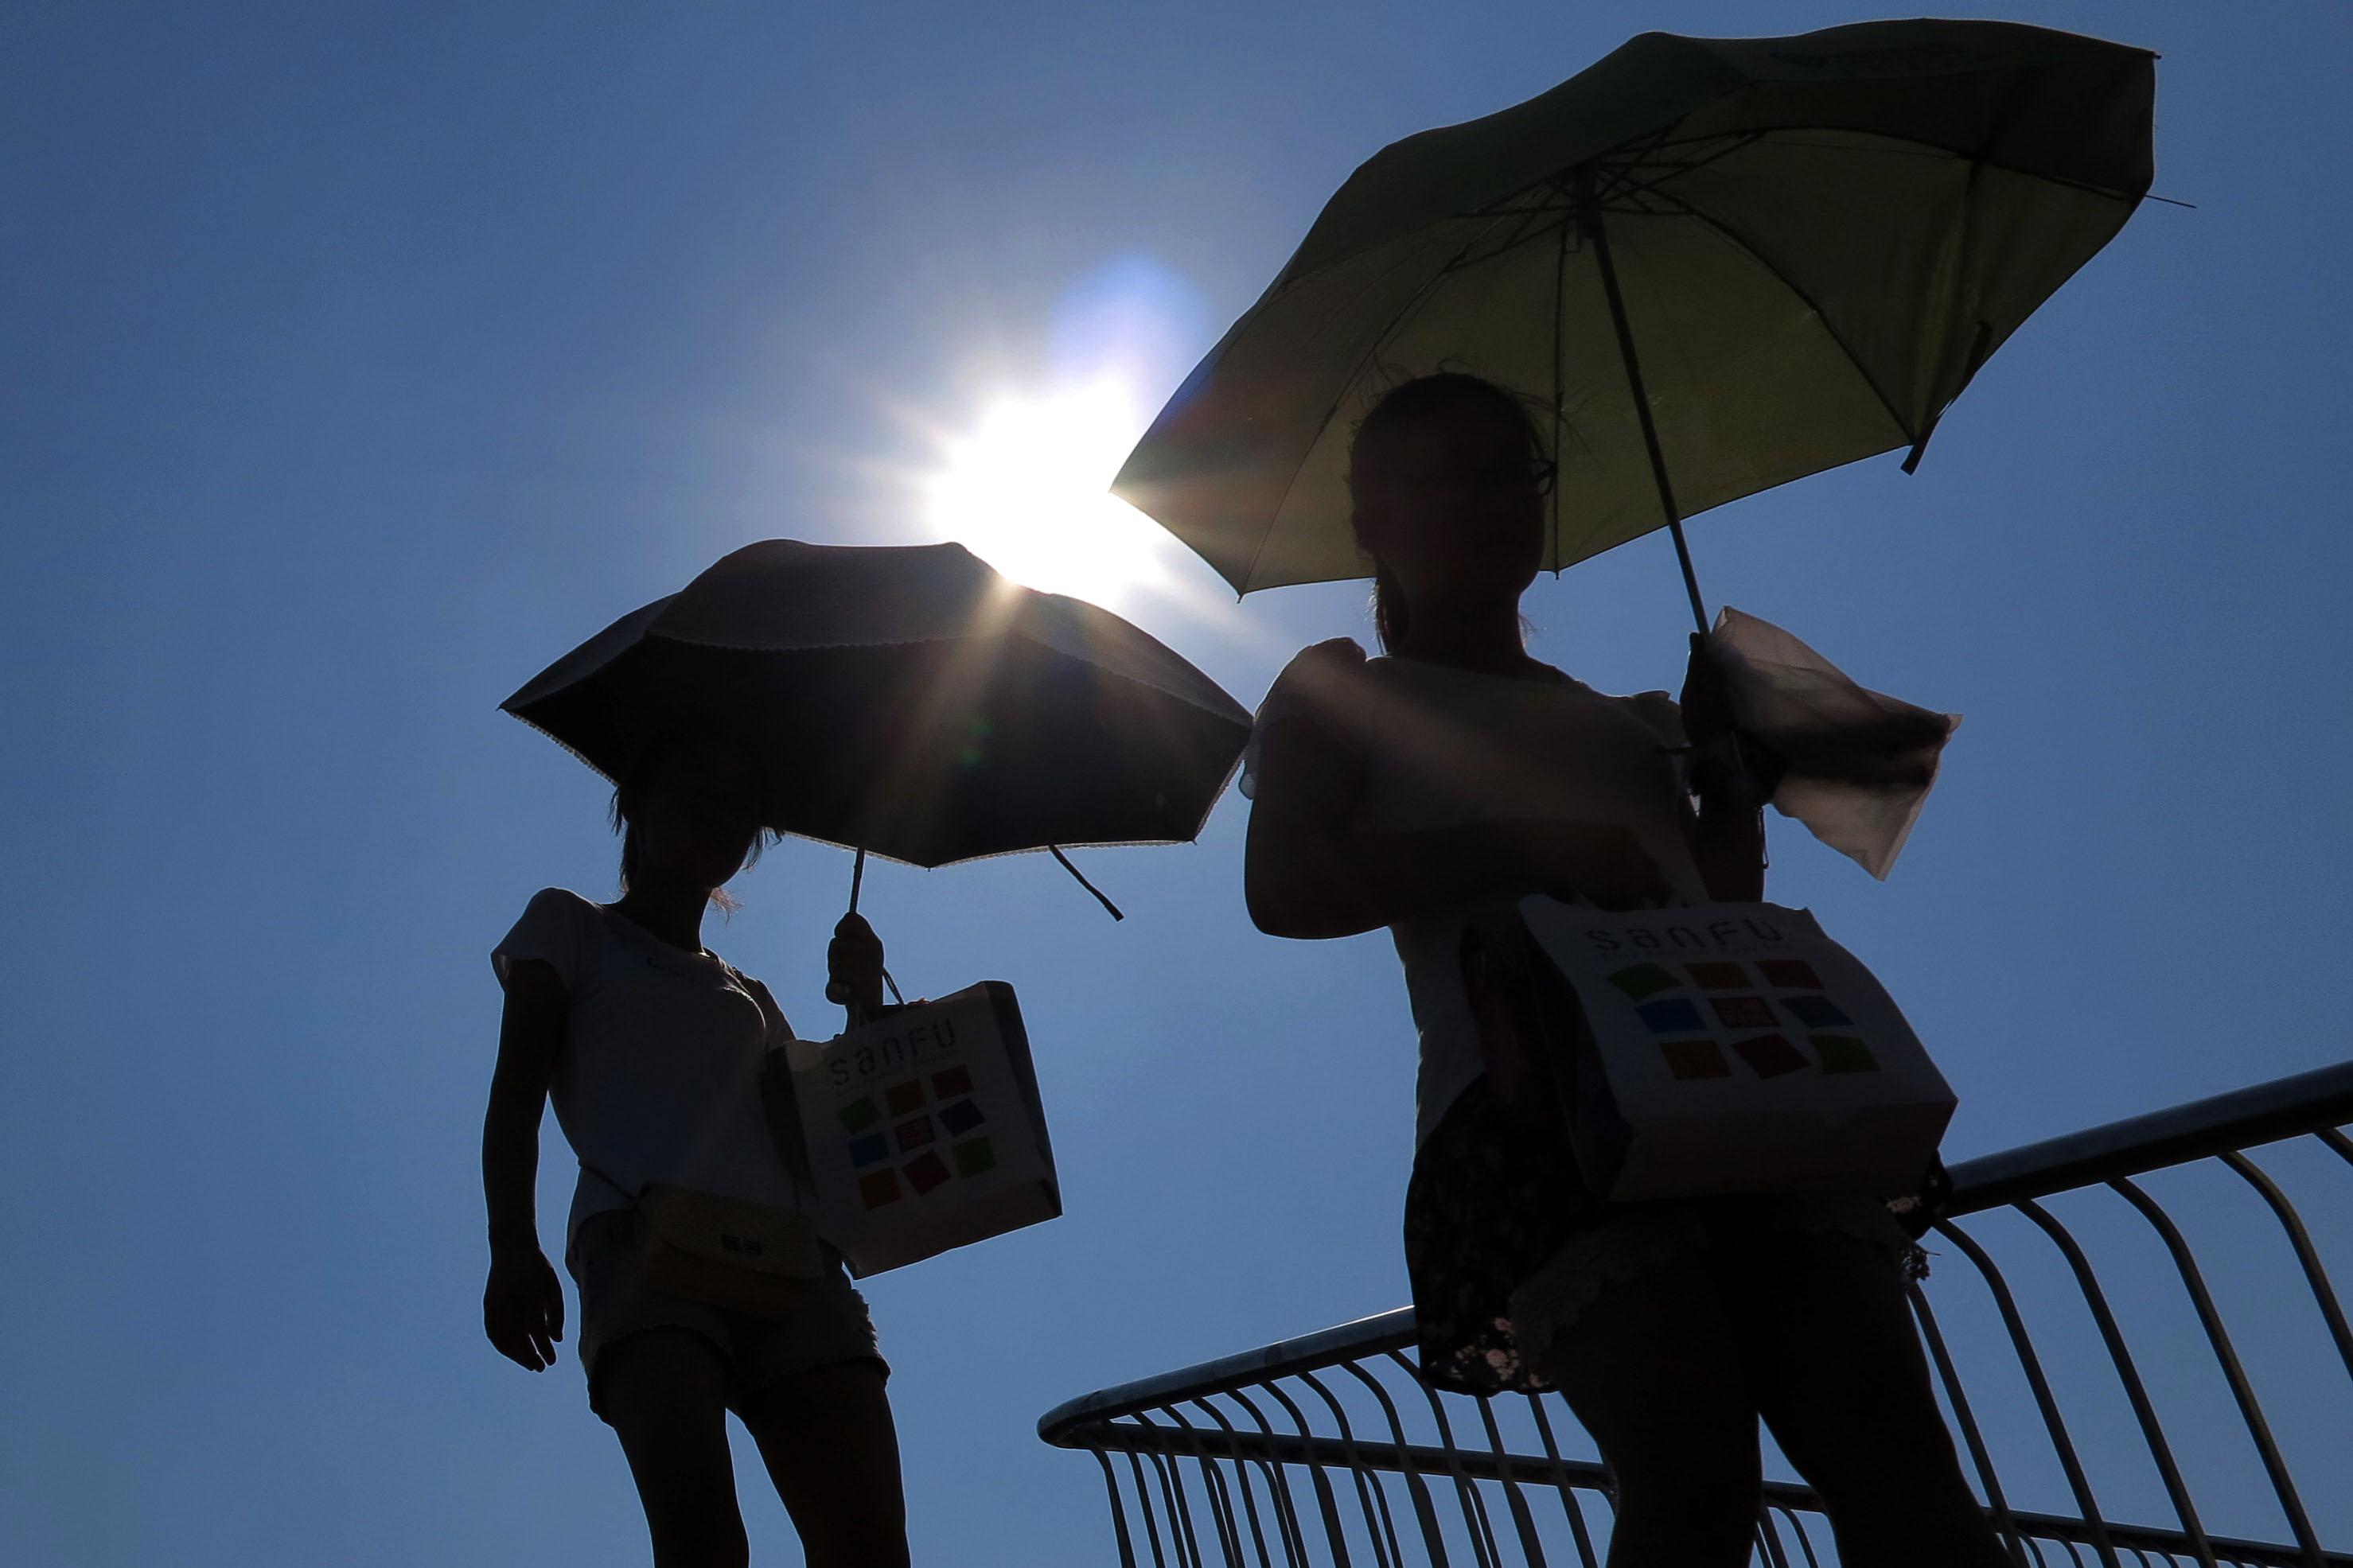 Megállíthatatlanul jönnek a negyvenfokos hőhullámok?